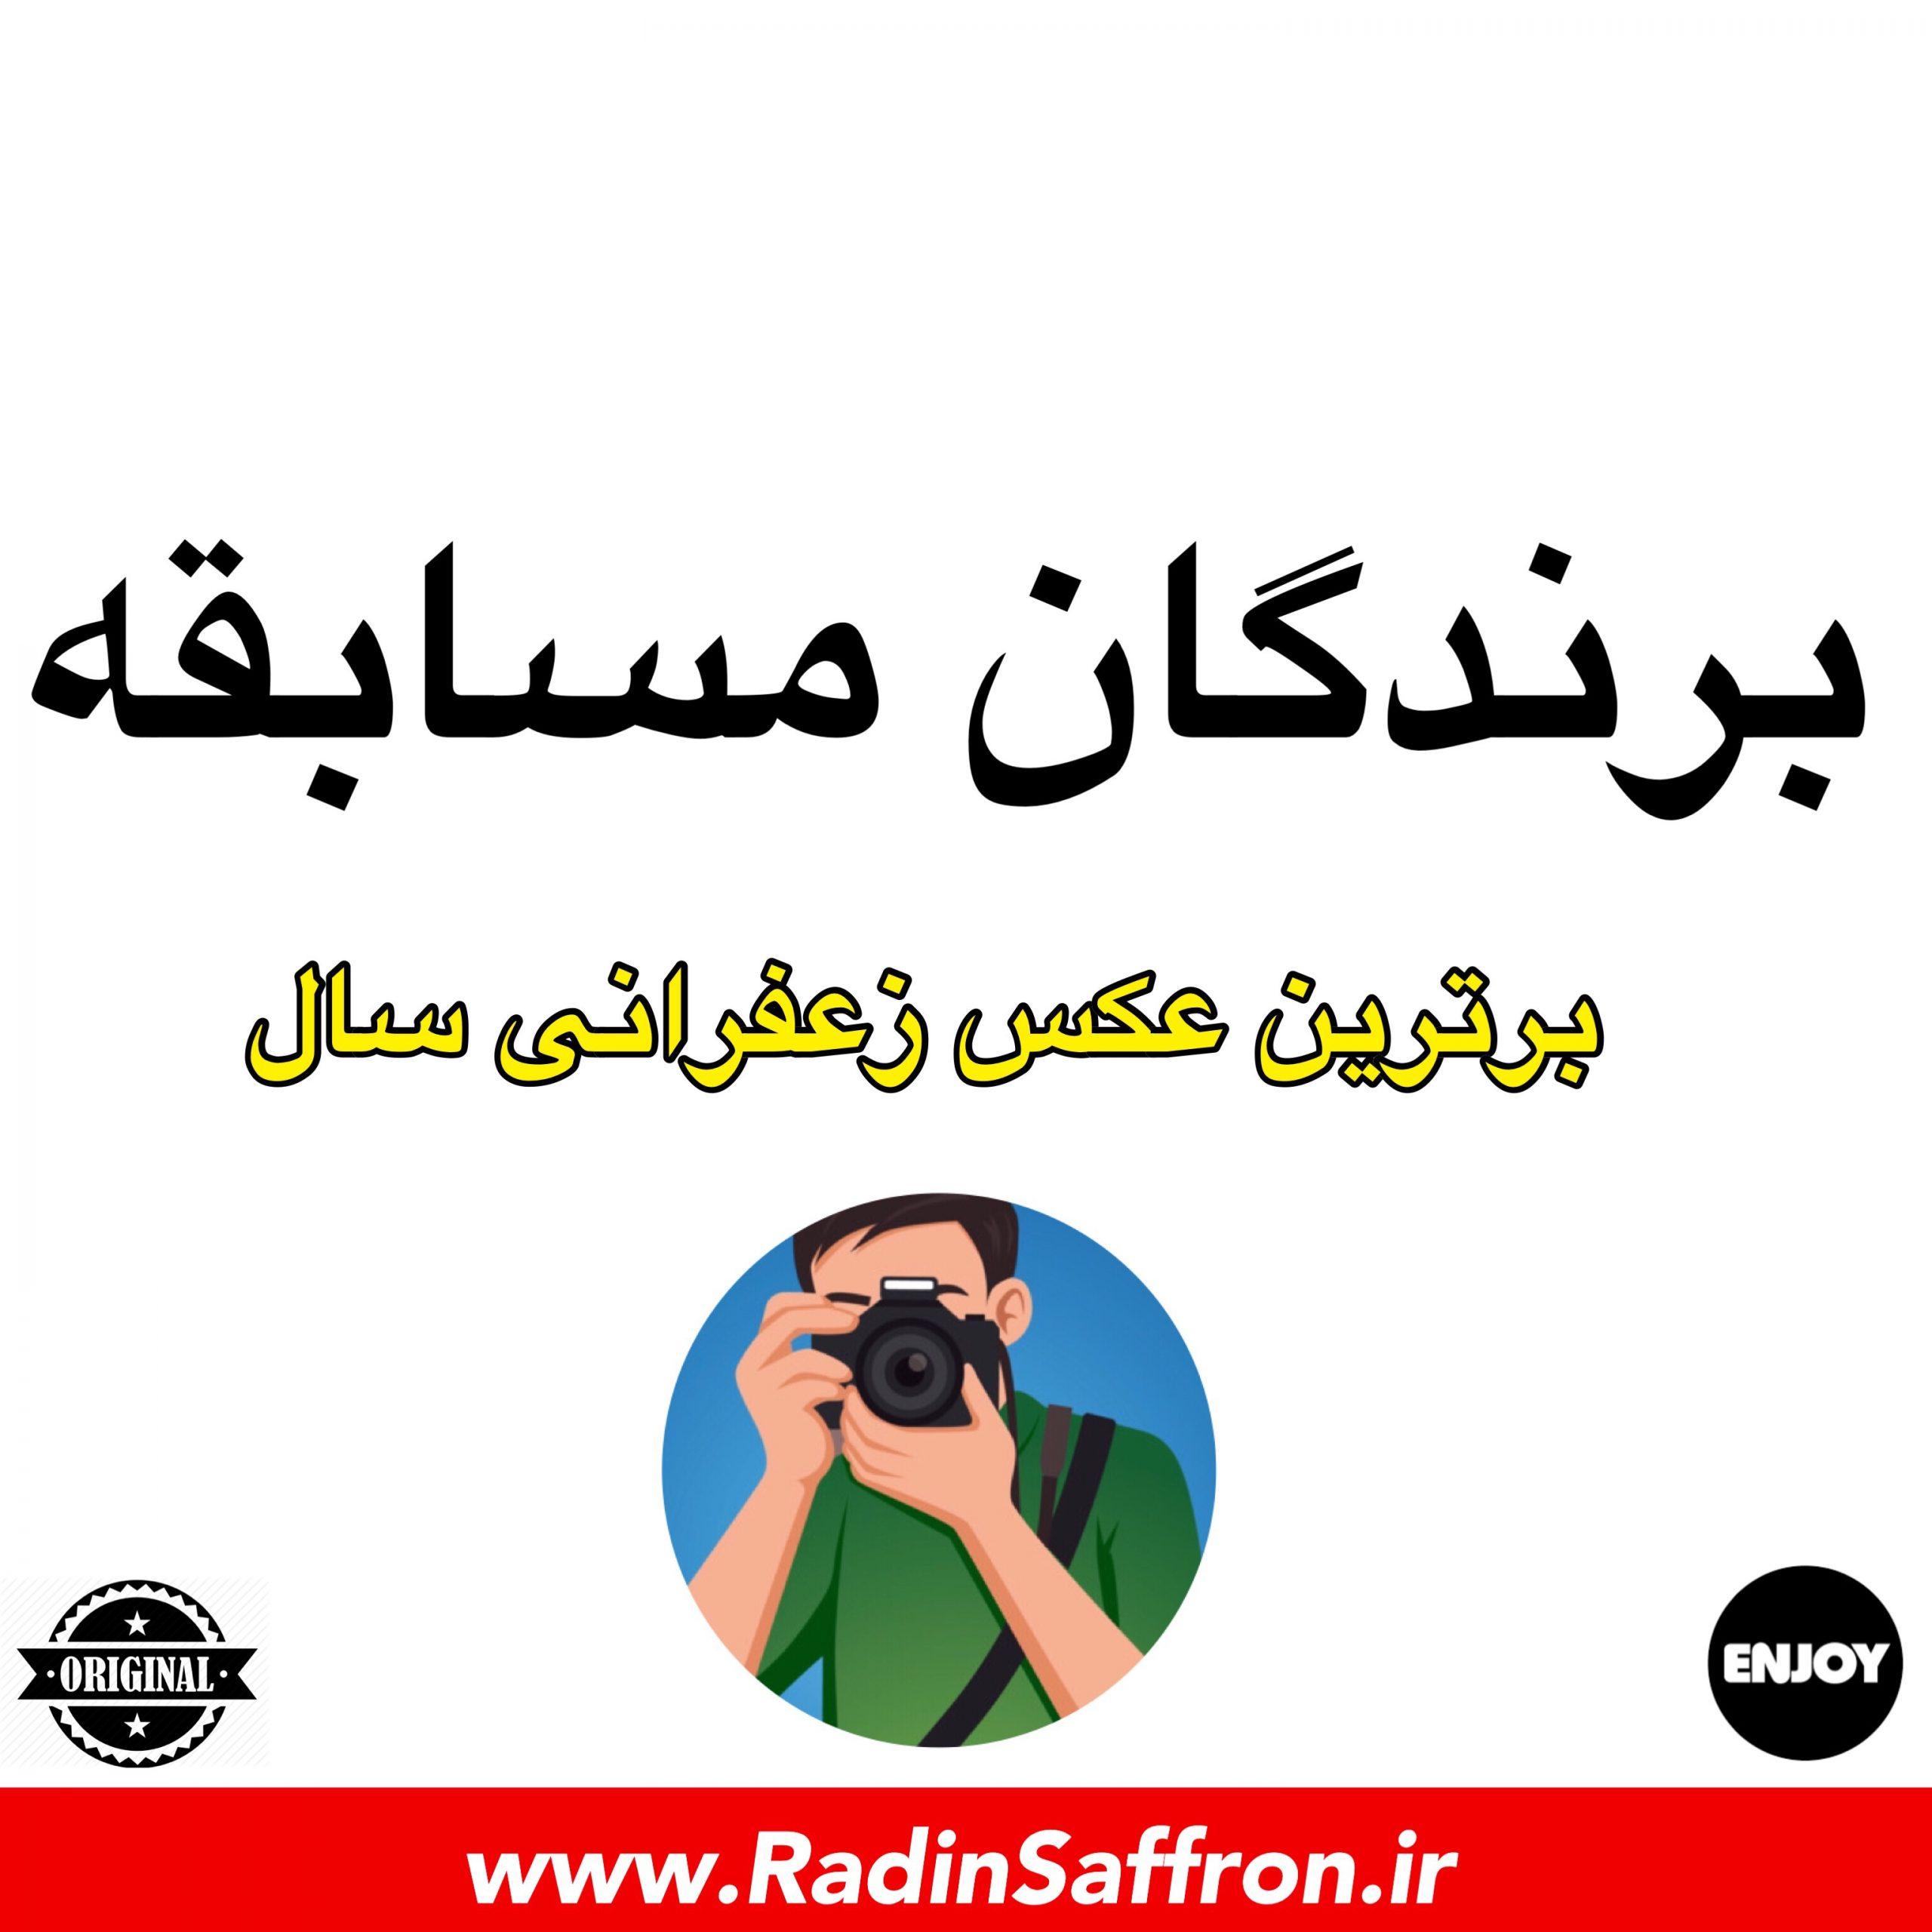 برندگان مسابقه برترین عکس زعفرانی سال ۱۳۹۸+ عکسهای برگزیده